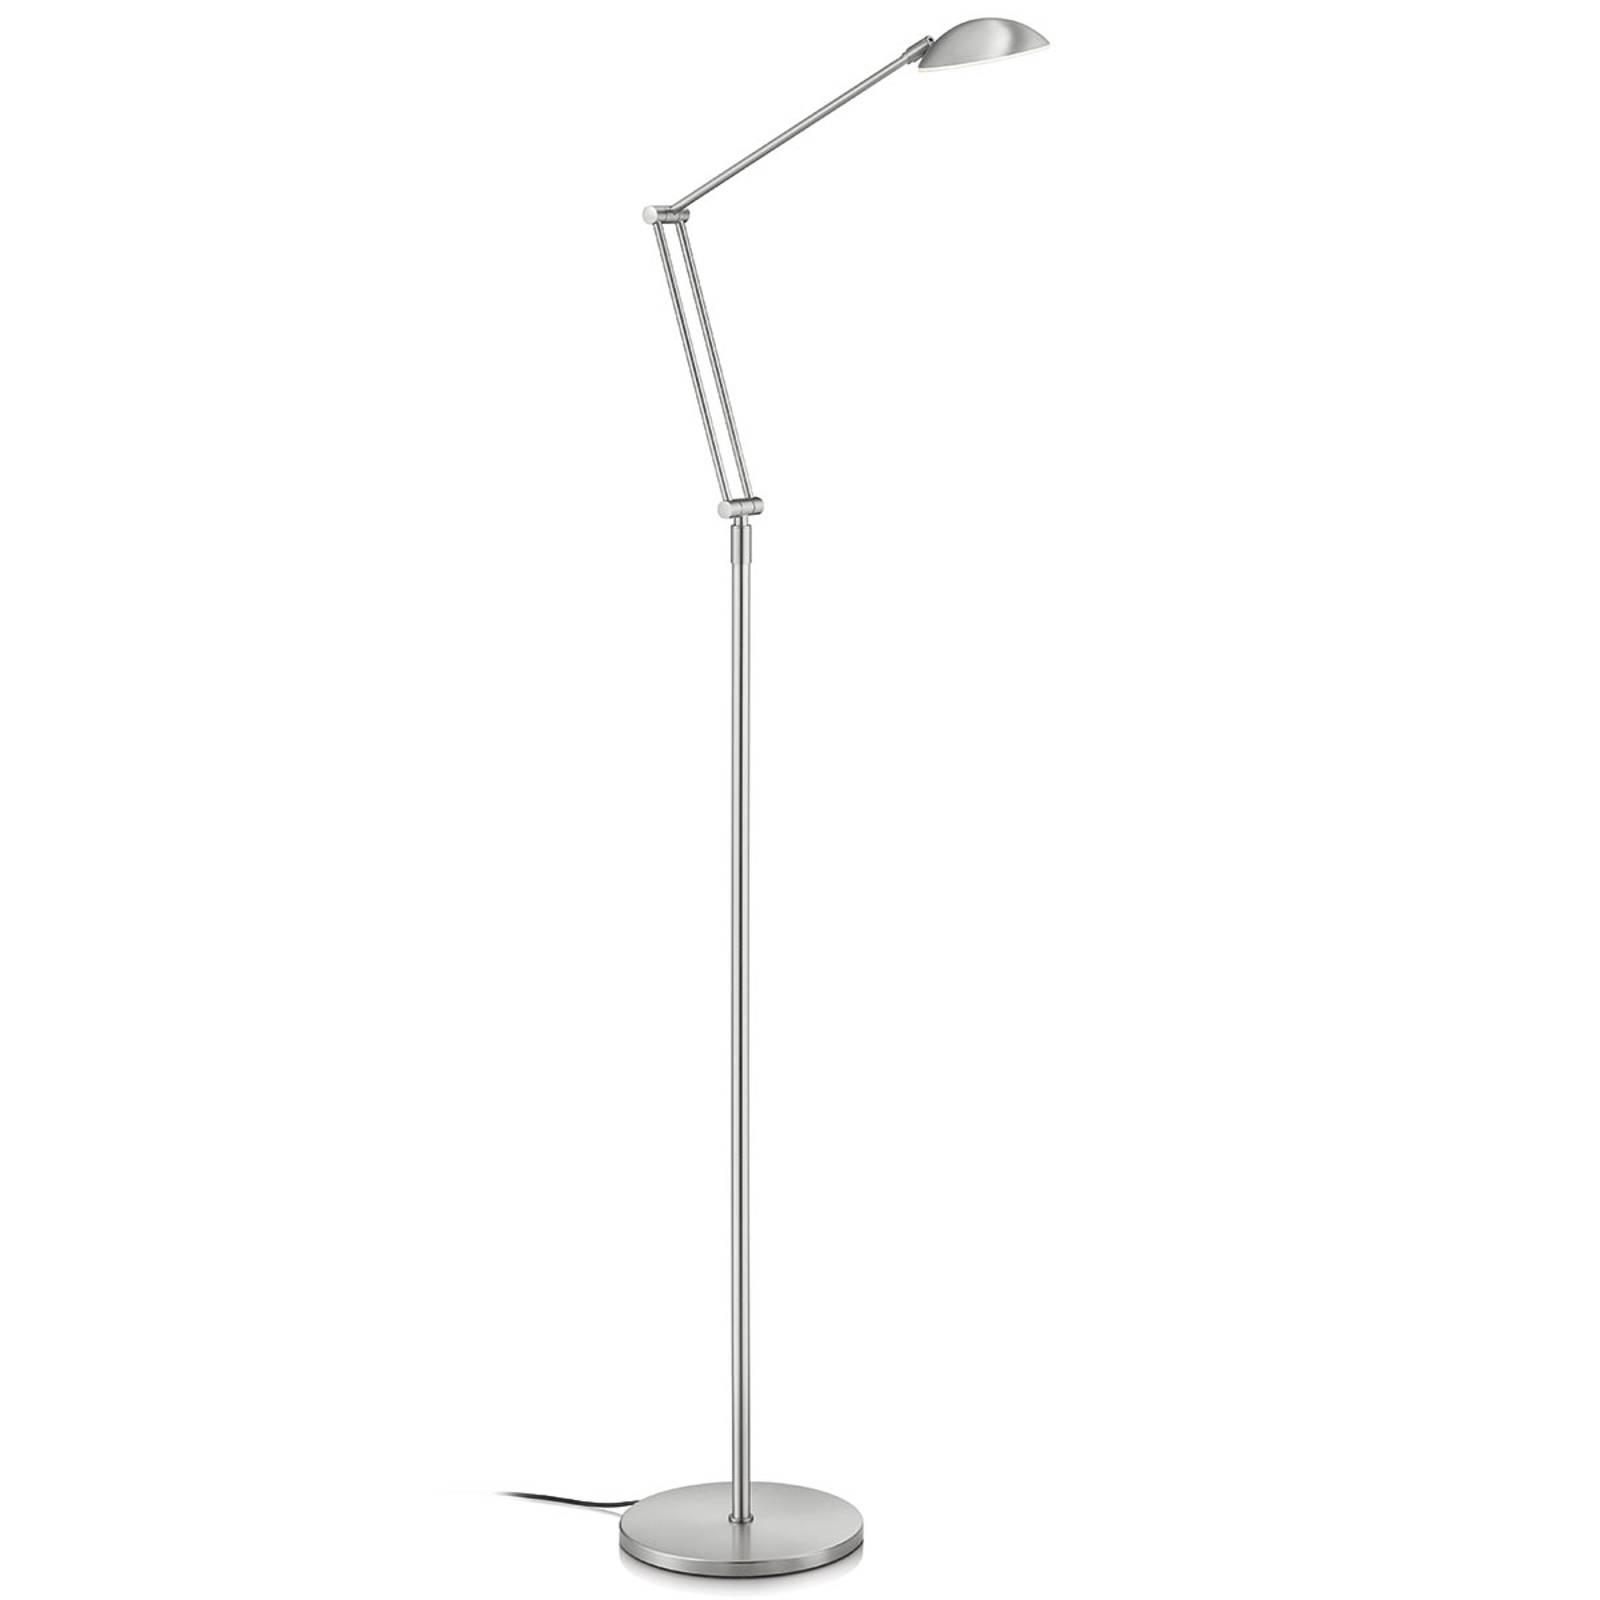 LED-lattiavalaisin Artemis eleohjauksella